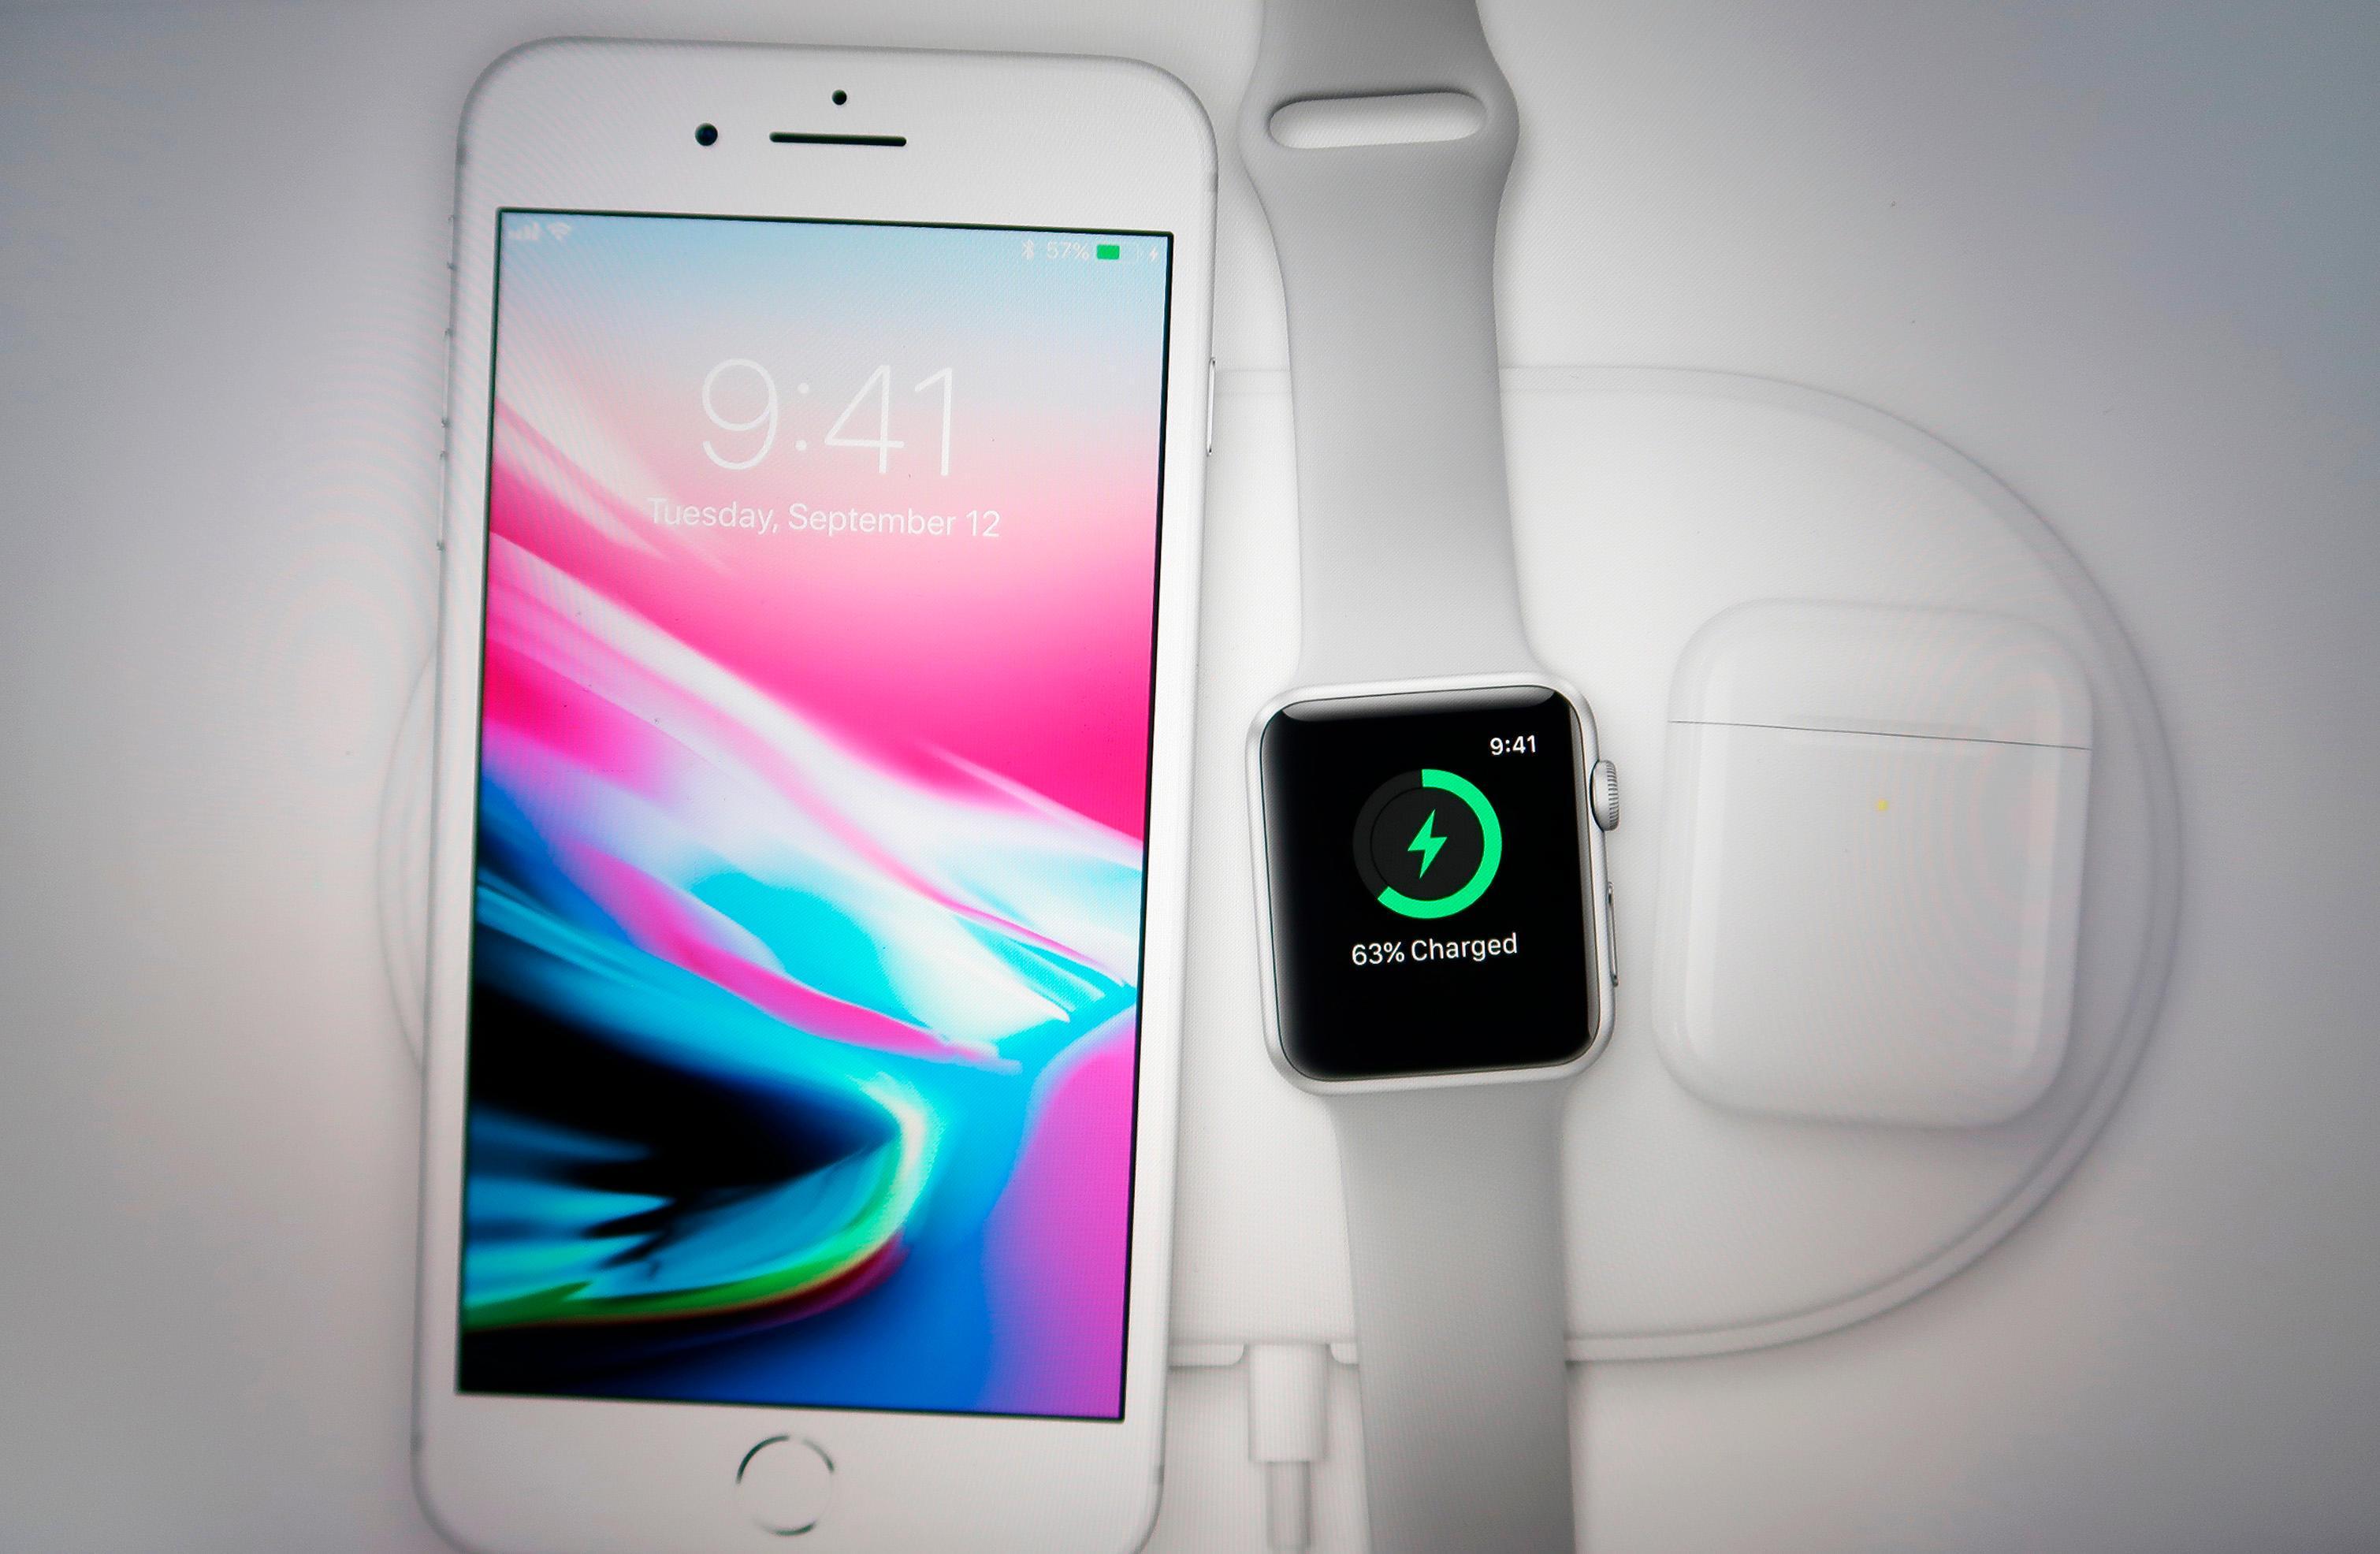 Apple  dự kiến sẽ ra mắt một chiếc iPhone mới giá rẻ trông giống iPhone 8 - nhưng sự chậm trễ có thể cản trở việc phát hành, người trong cuộc nói